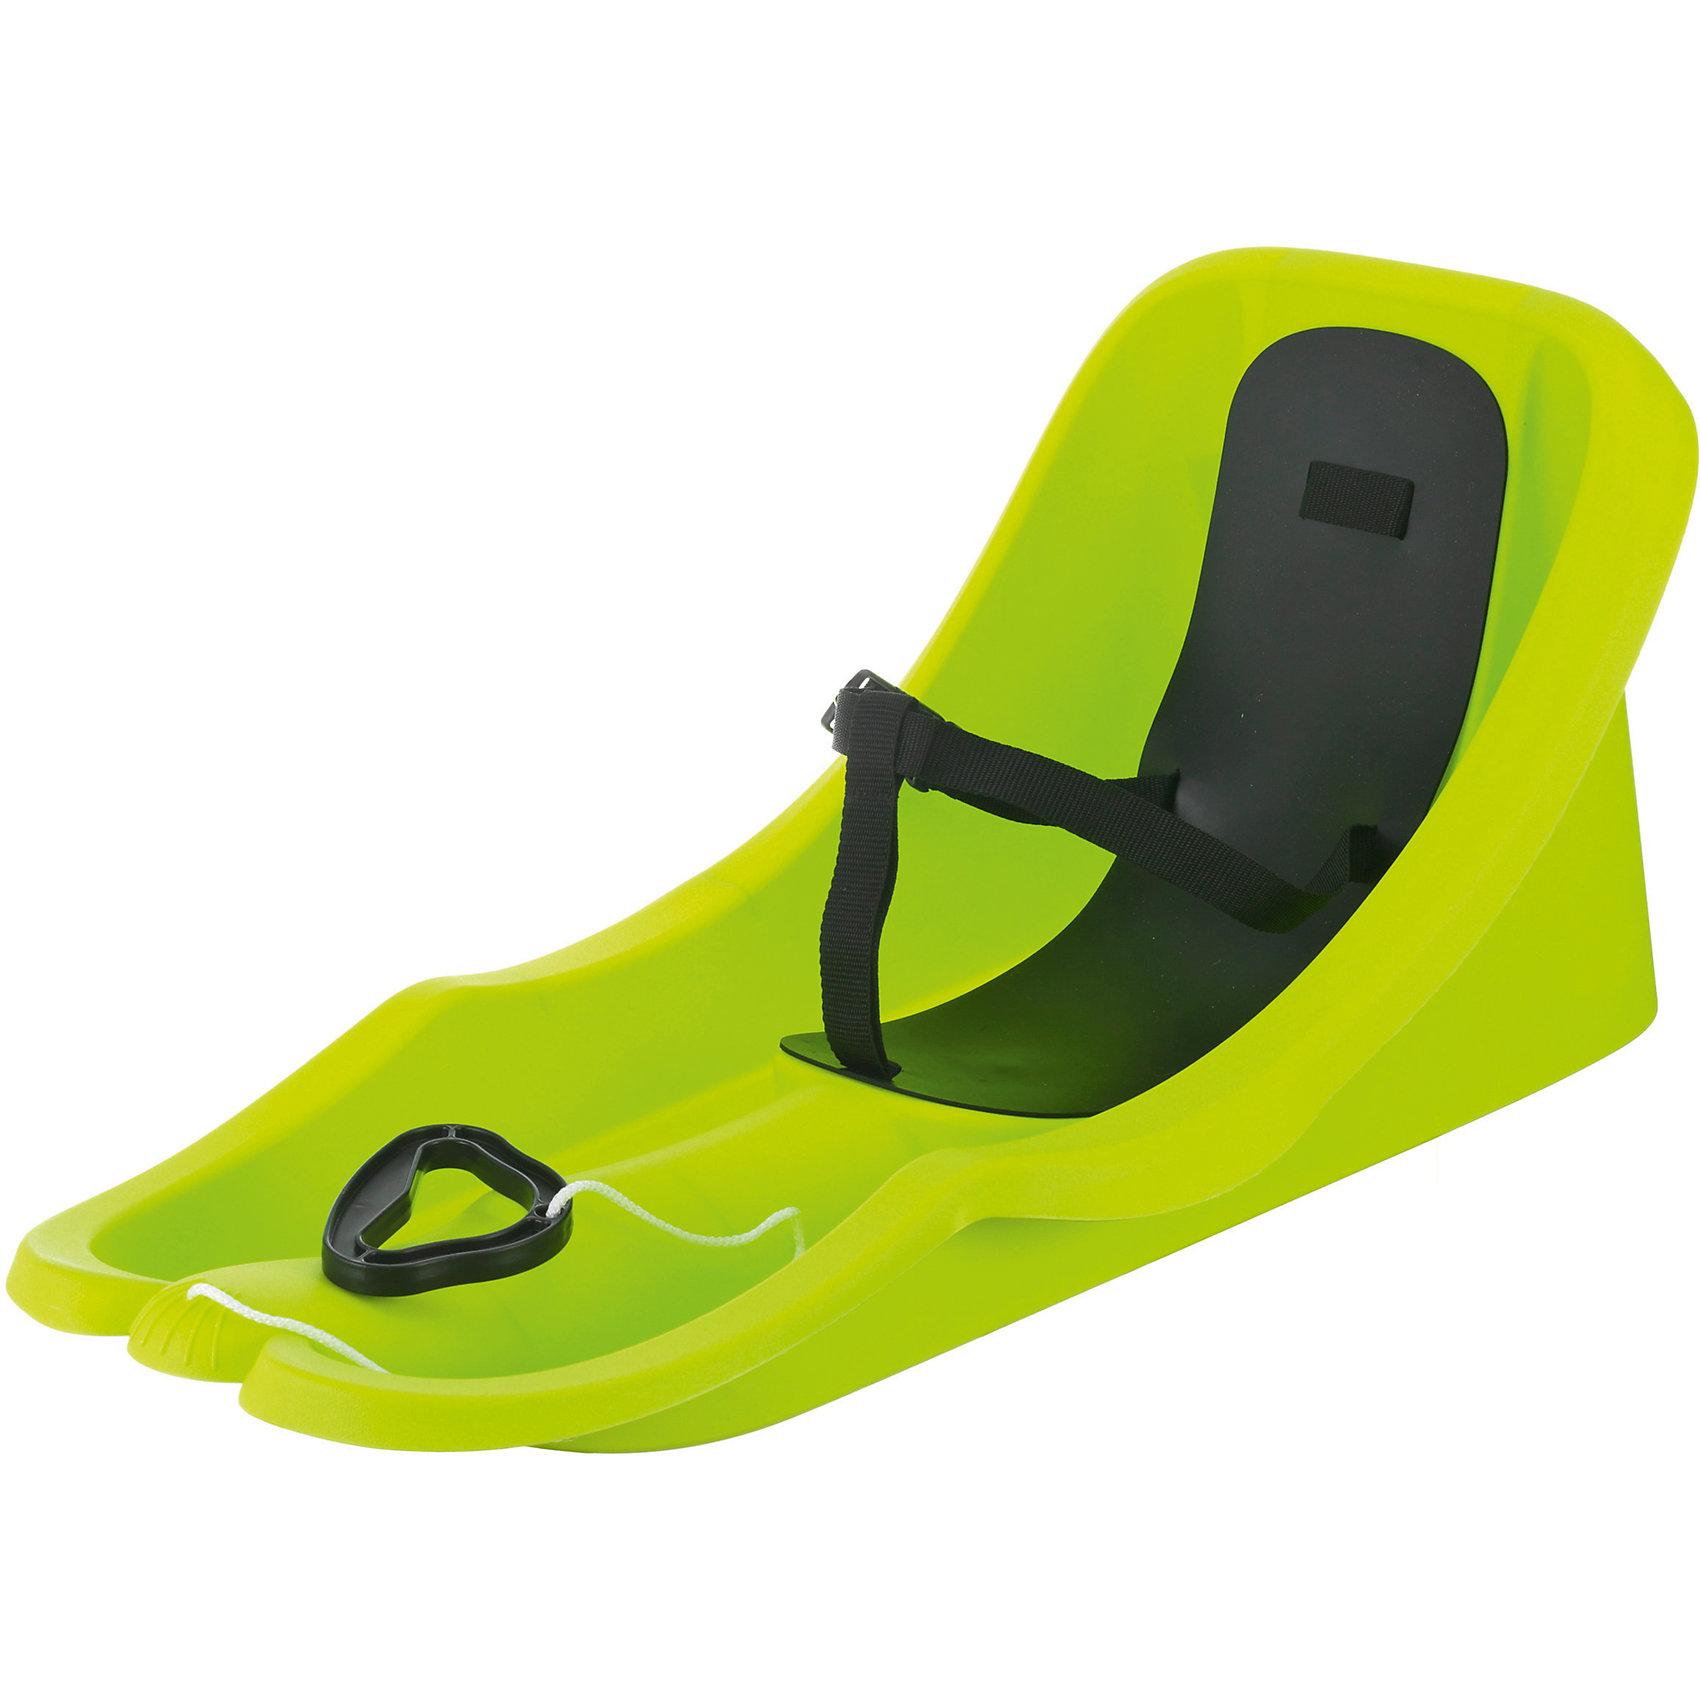 Санки Bambi Bob, лимонныеЭта яркая и удобная модель не оставит равнодушным ни одного ребенка! Высокая спинка и бортики обеспечат максимальную безопасность и не дадут ребенку вывалиться при резких поворотах. Санки выполнены из высококачественного прочного пластика, имеют эргономичную форму, оснащены ремнями безопасности и удобной накладкой на сиденье для еще большего комфорта. Отличный вариант для зимних забав! Игры и прогулки на свежем воздухе очень полезны для детей, они укрепляют иммунитет ребенка и, конечно, дарят хорошее настроение. <br><br>Дополнительная информация:<br><br>- Материал: пластик.<br>- Размер: 74х38х33 см.<br>- Накладка на сиденье.<br>- Трехточечные ремни безопасности. <br>- Буксирный шнур.<br>- Цвет: желтый (лимон).  <br>- Максимальная нагрузка: 35 кг.<br>- Вес: 1,8 кг.<br><br>Санки Bambi Bob можно купить в нашем магазине.<br><br>Ширина мм: 740<br>Глубина мм: 380<br>Высота мм: 330<br>Вес г: 1350<br>Возраст от месяцев: 6<br>Возраст до месяцев: 36<br>Пол: Унисекс<br>Возраст: Детский<br>SKU: 4295754